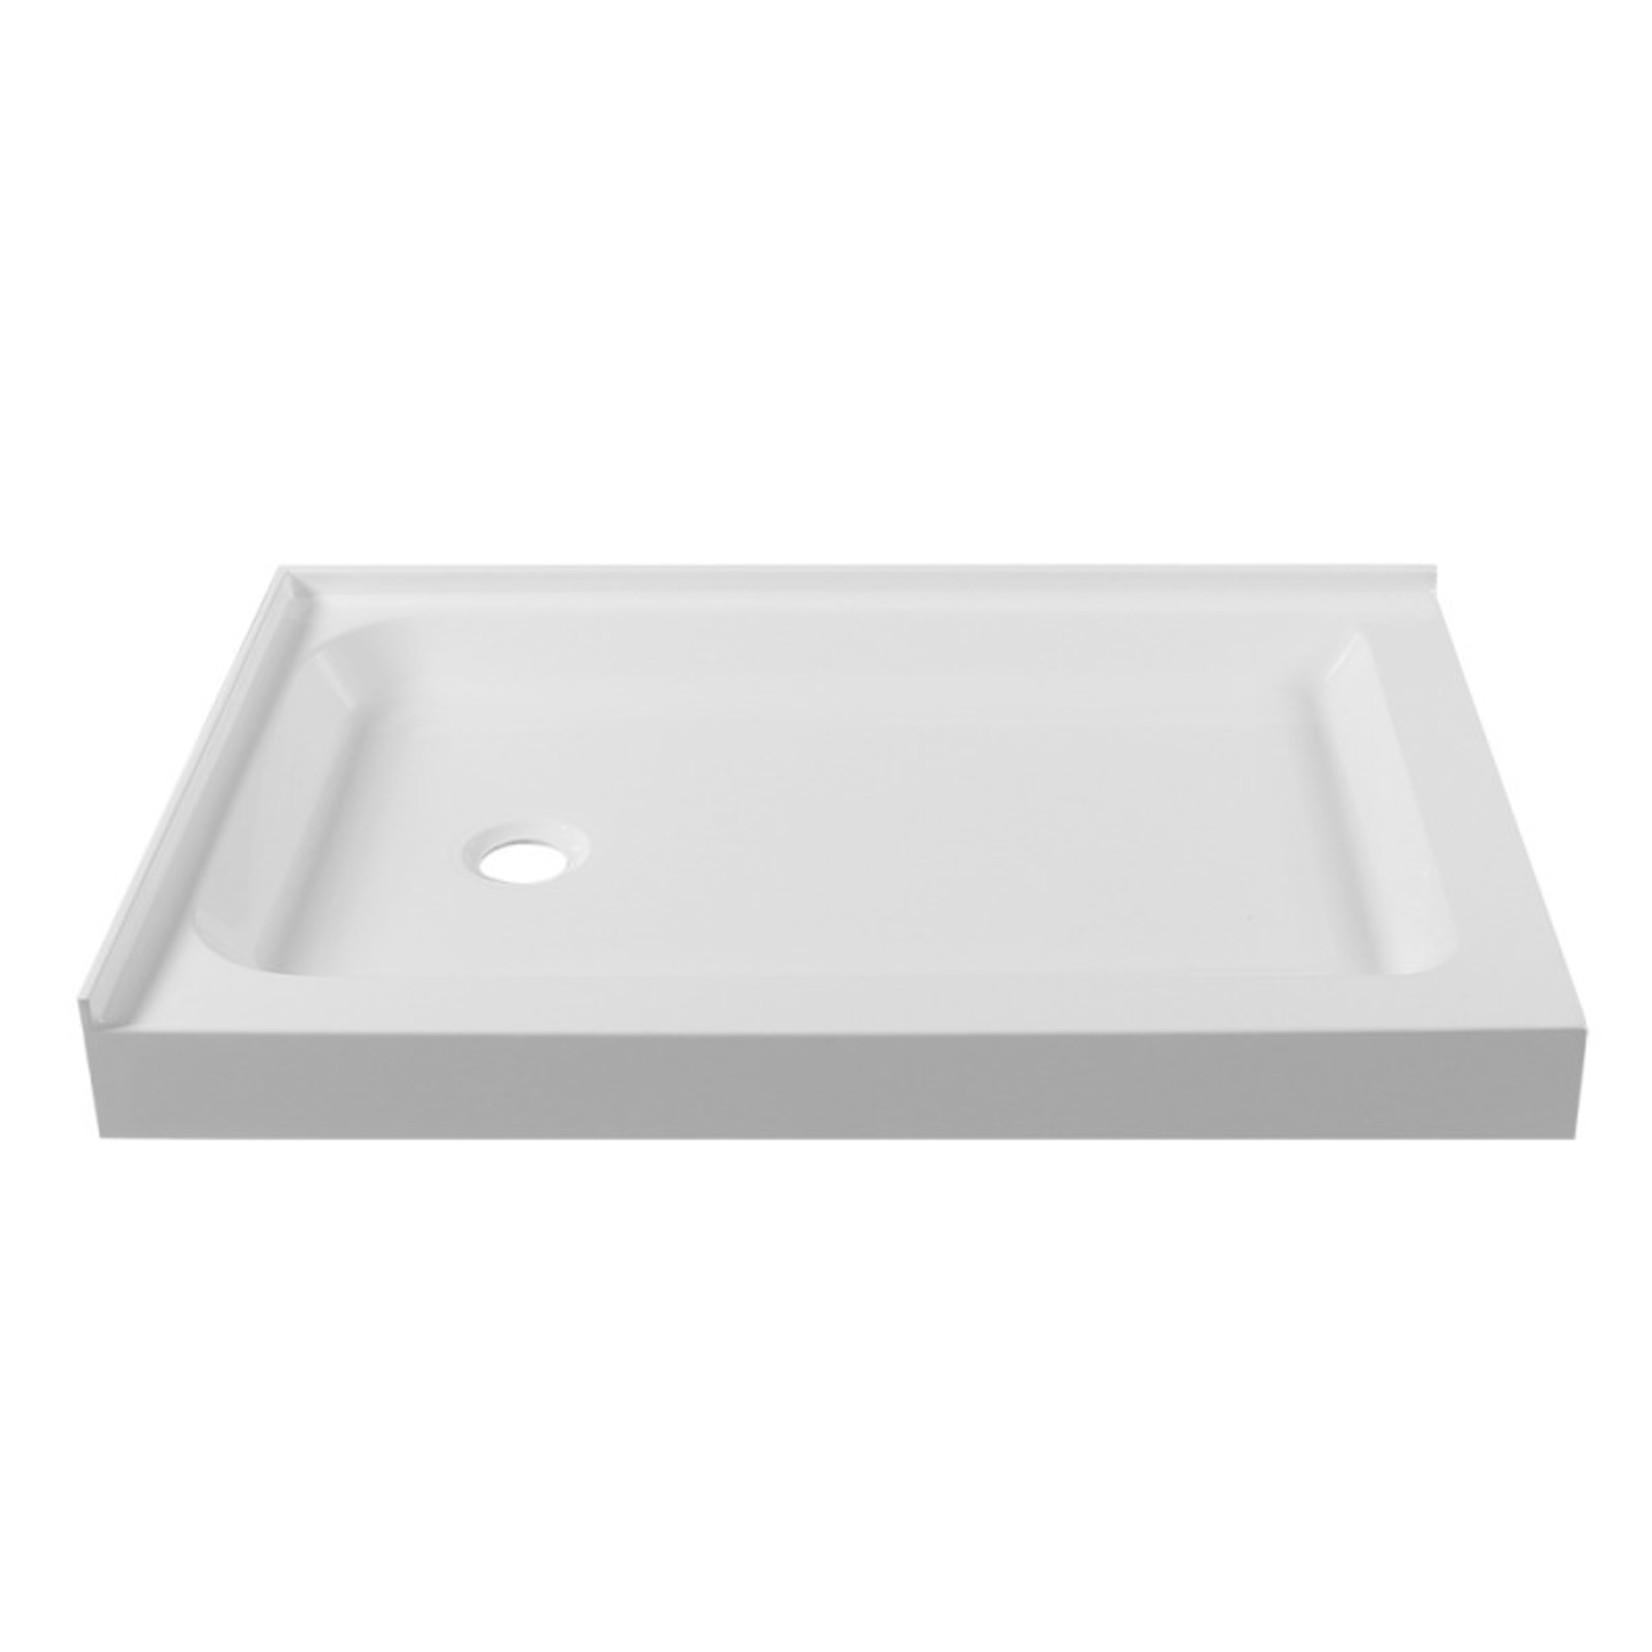 Base de douche 32x60 drain à droite Installation droite Apo DI